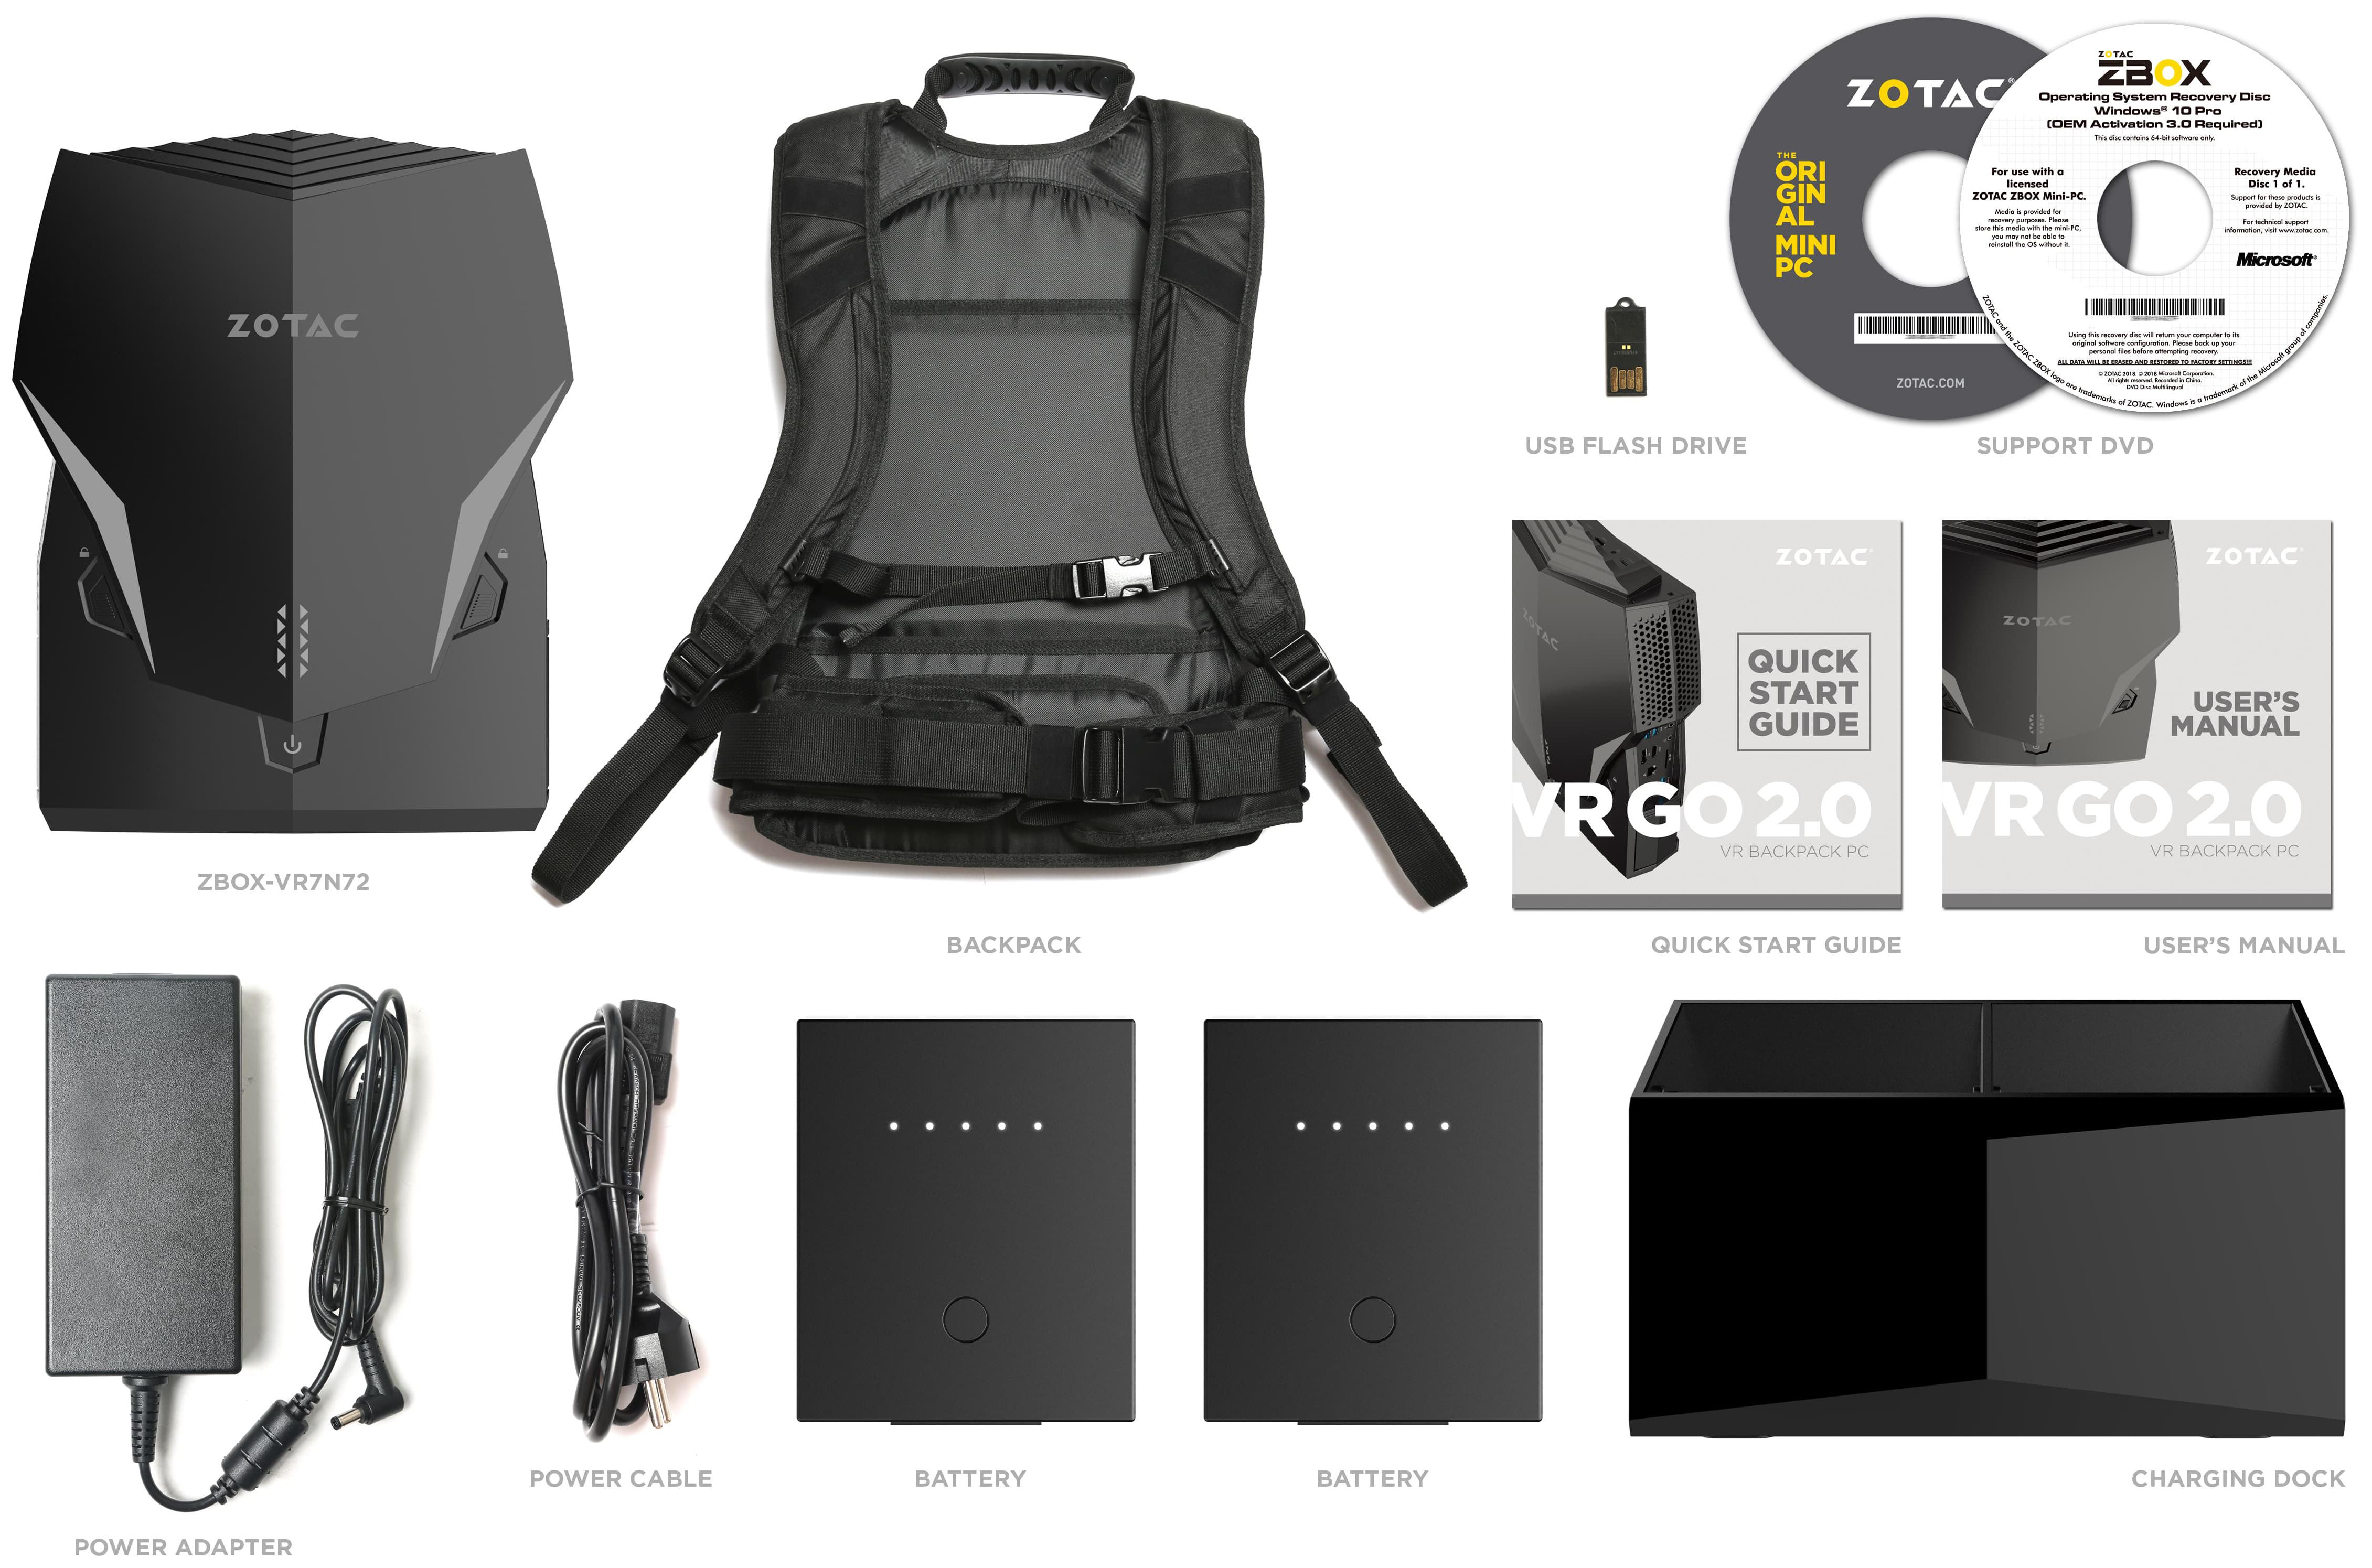 ZOTAC Unveils VR GO 2 0 Wearable PC: Core i7-8700T Meets